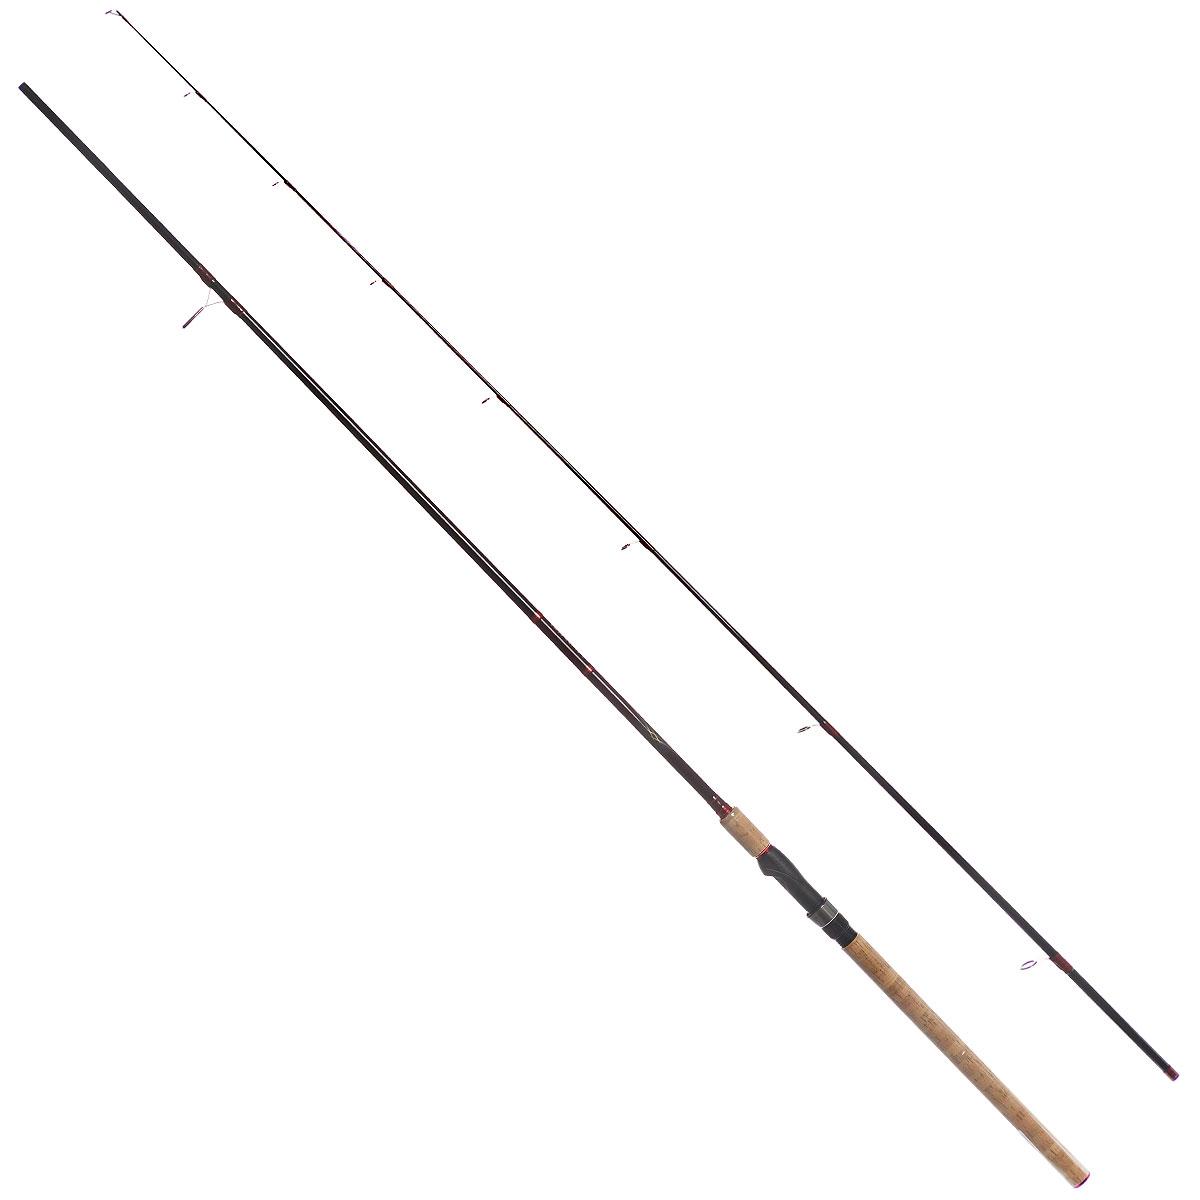 Удилище спиннинговое Daiwa Vulcan-AR, штекерное, цвет: черный, 2,74 м, 10-40 г